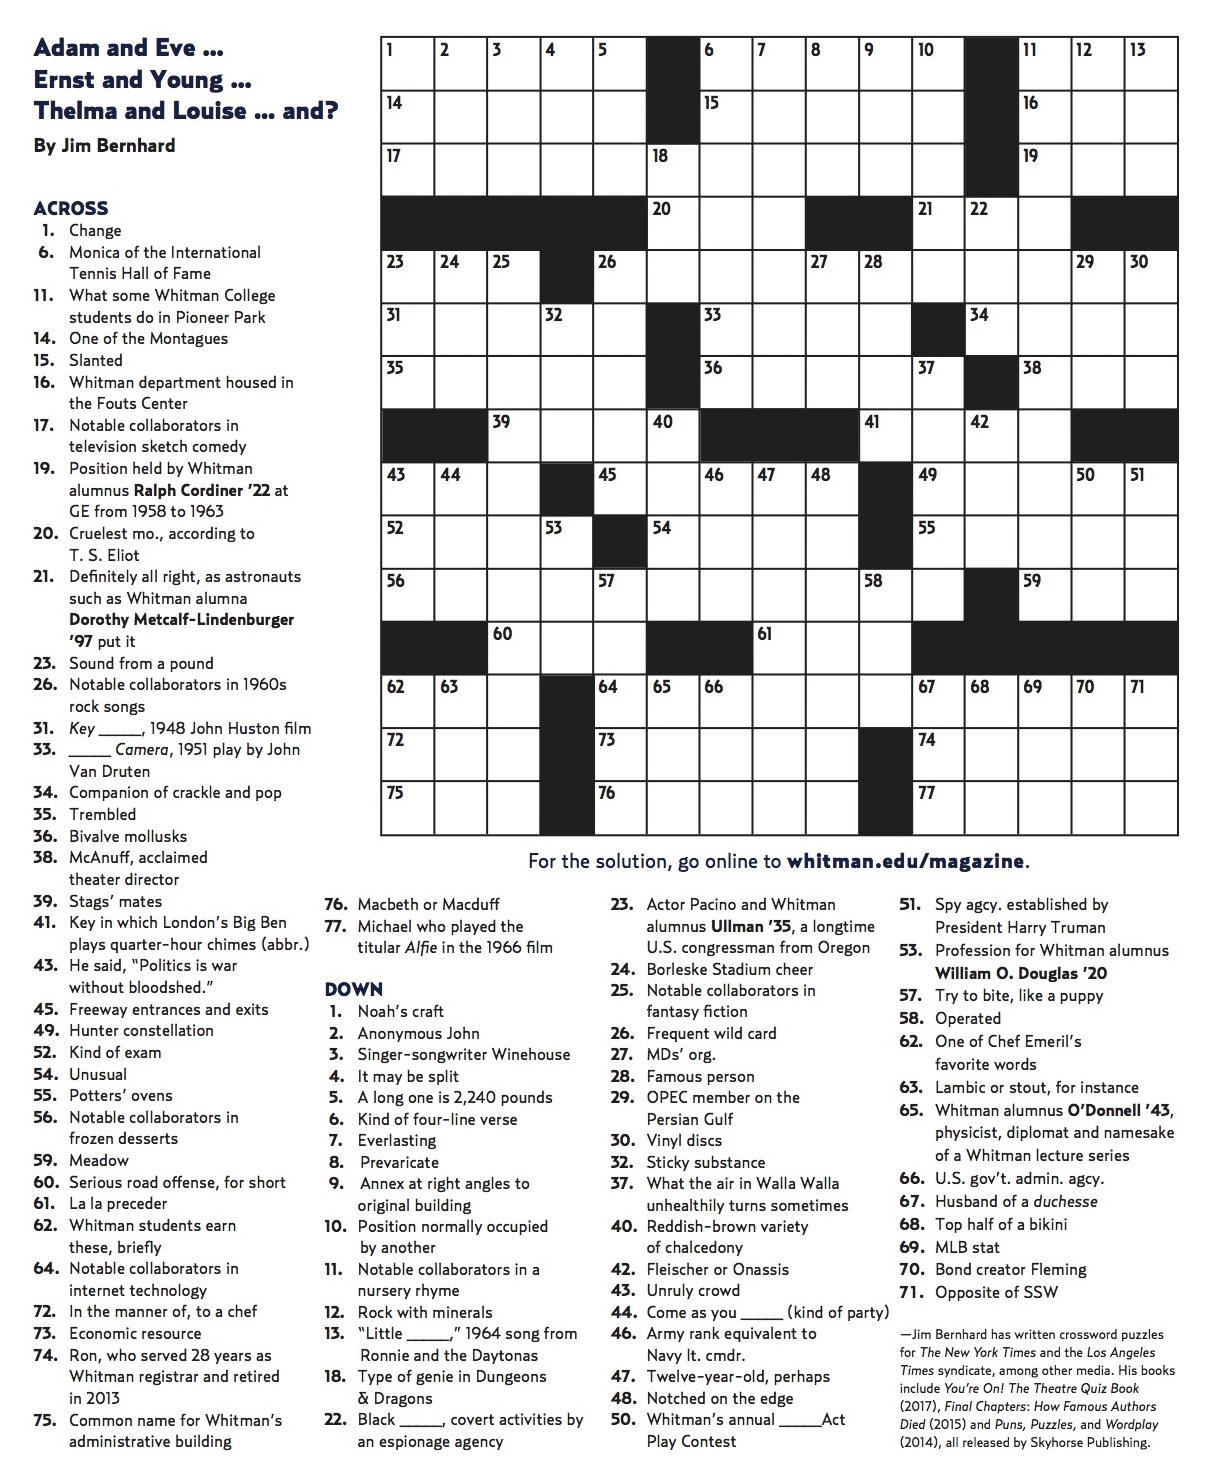 Free Printable Crossword Puzzles Generator